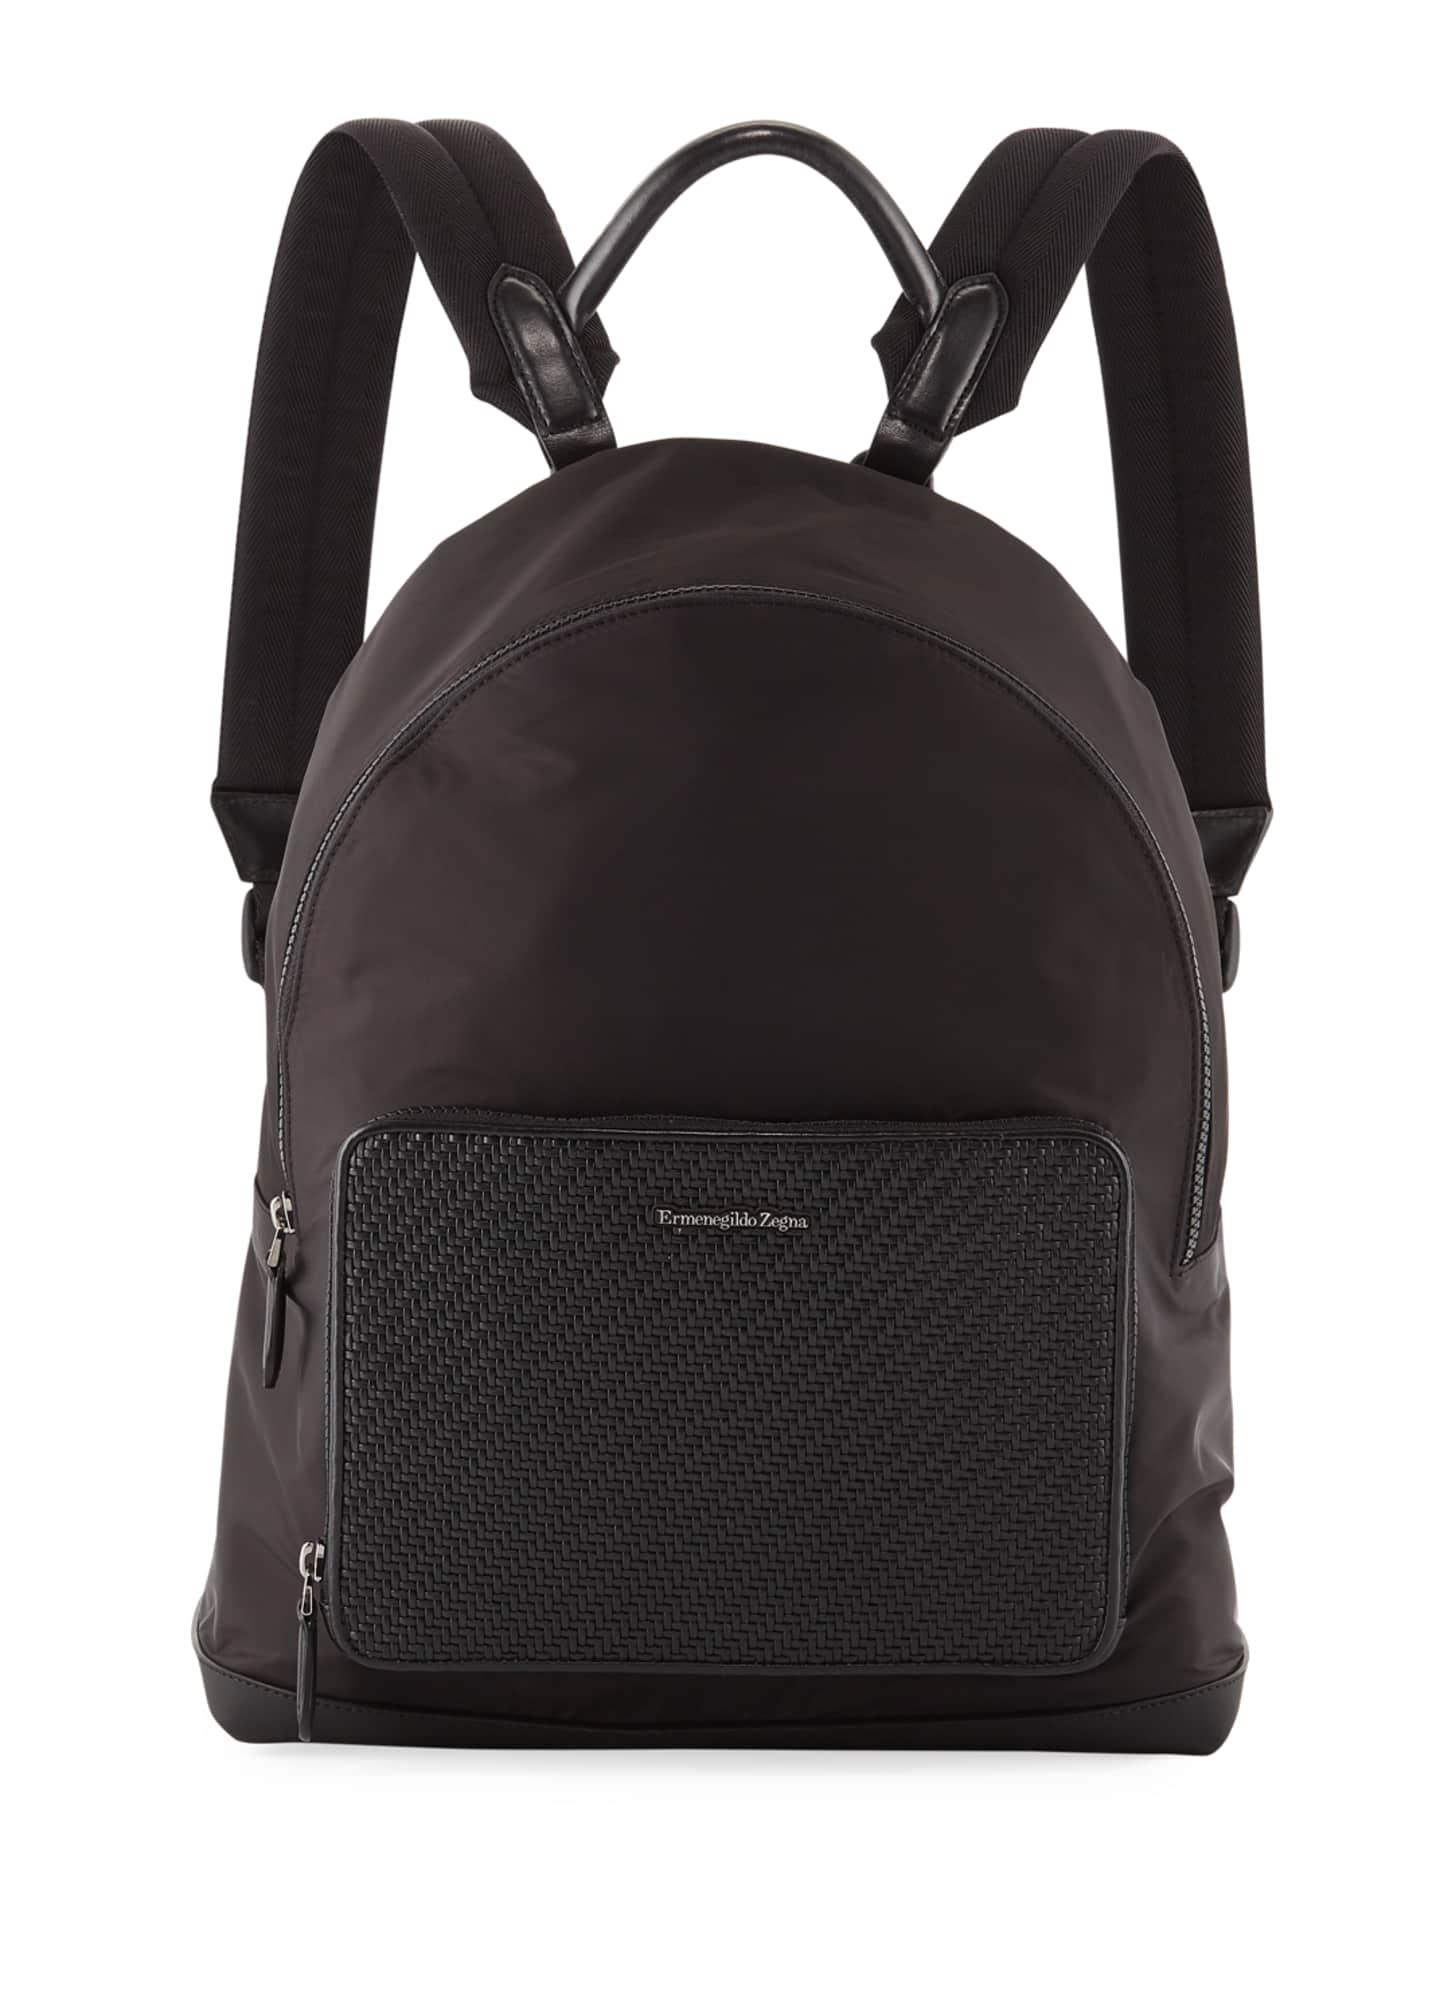 Ermenegildo Zegna Men's Nylon Backpack